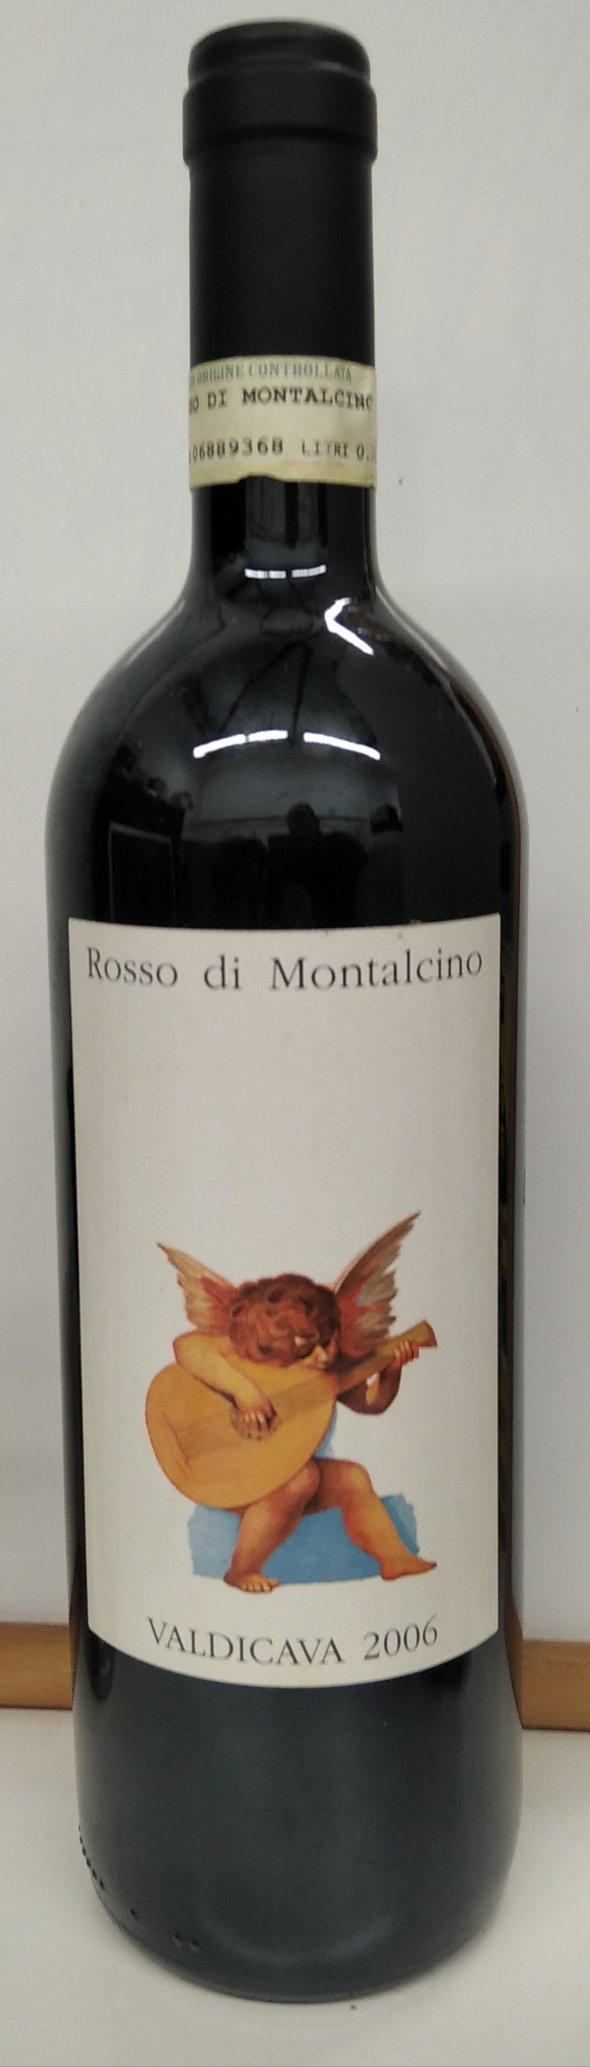 Valdicava, Rosso di Montalcino